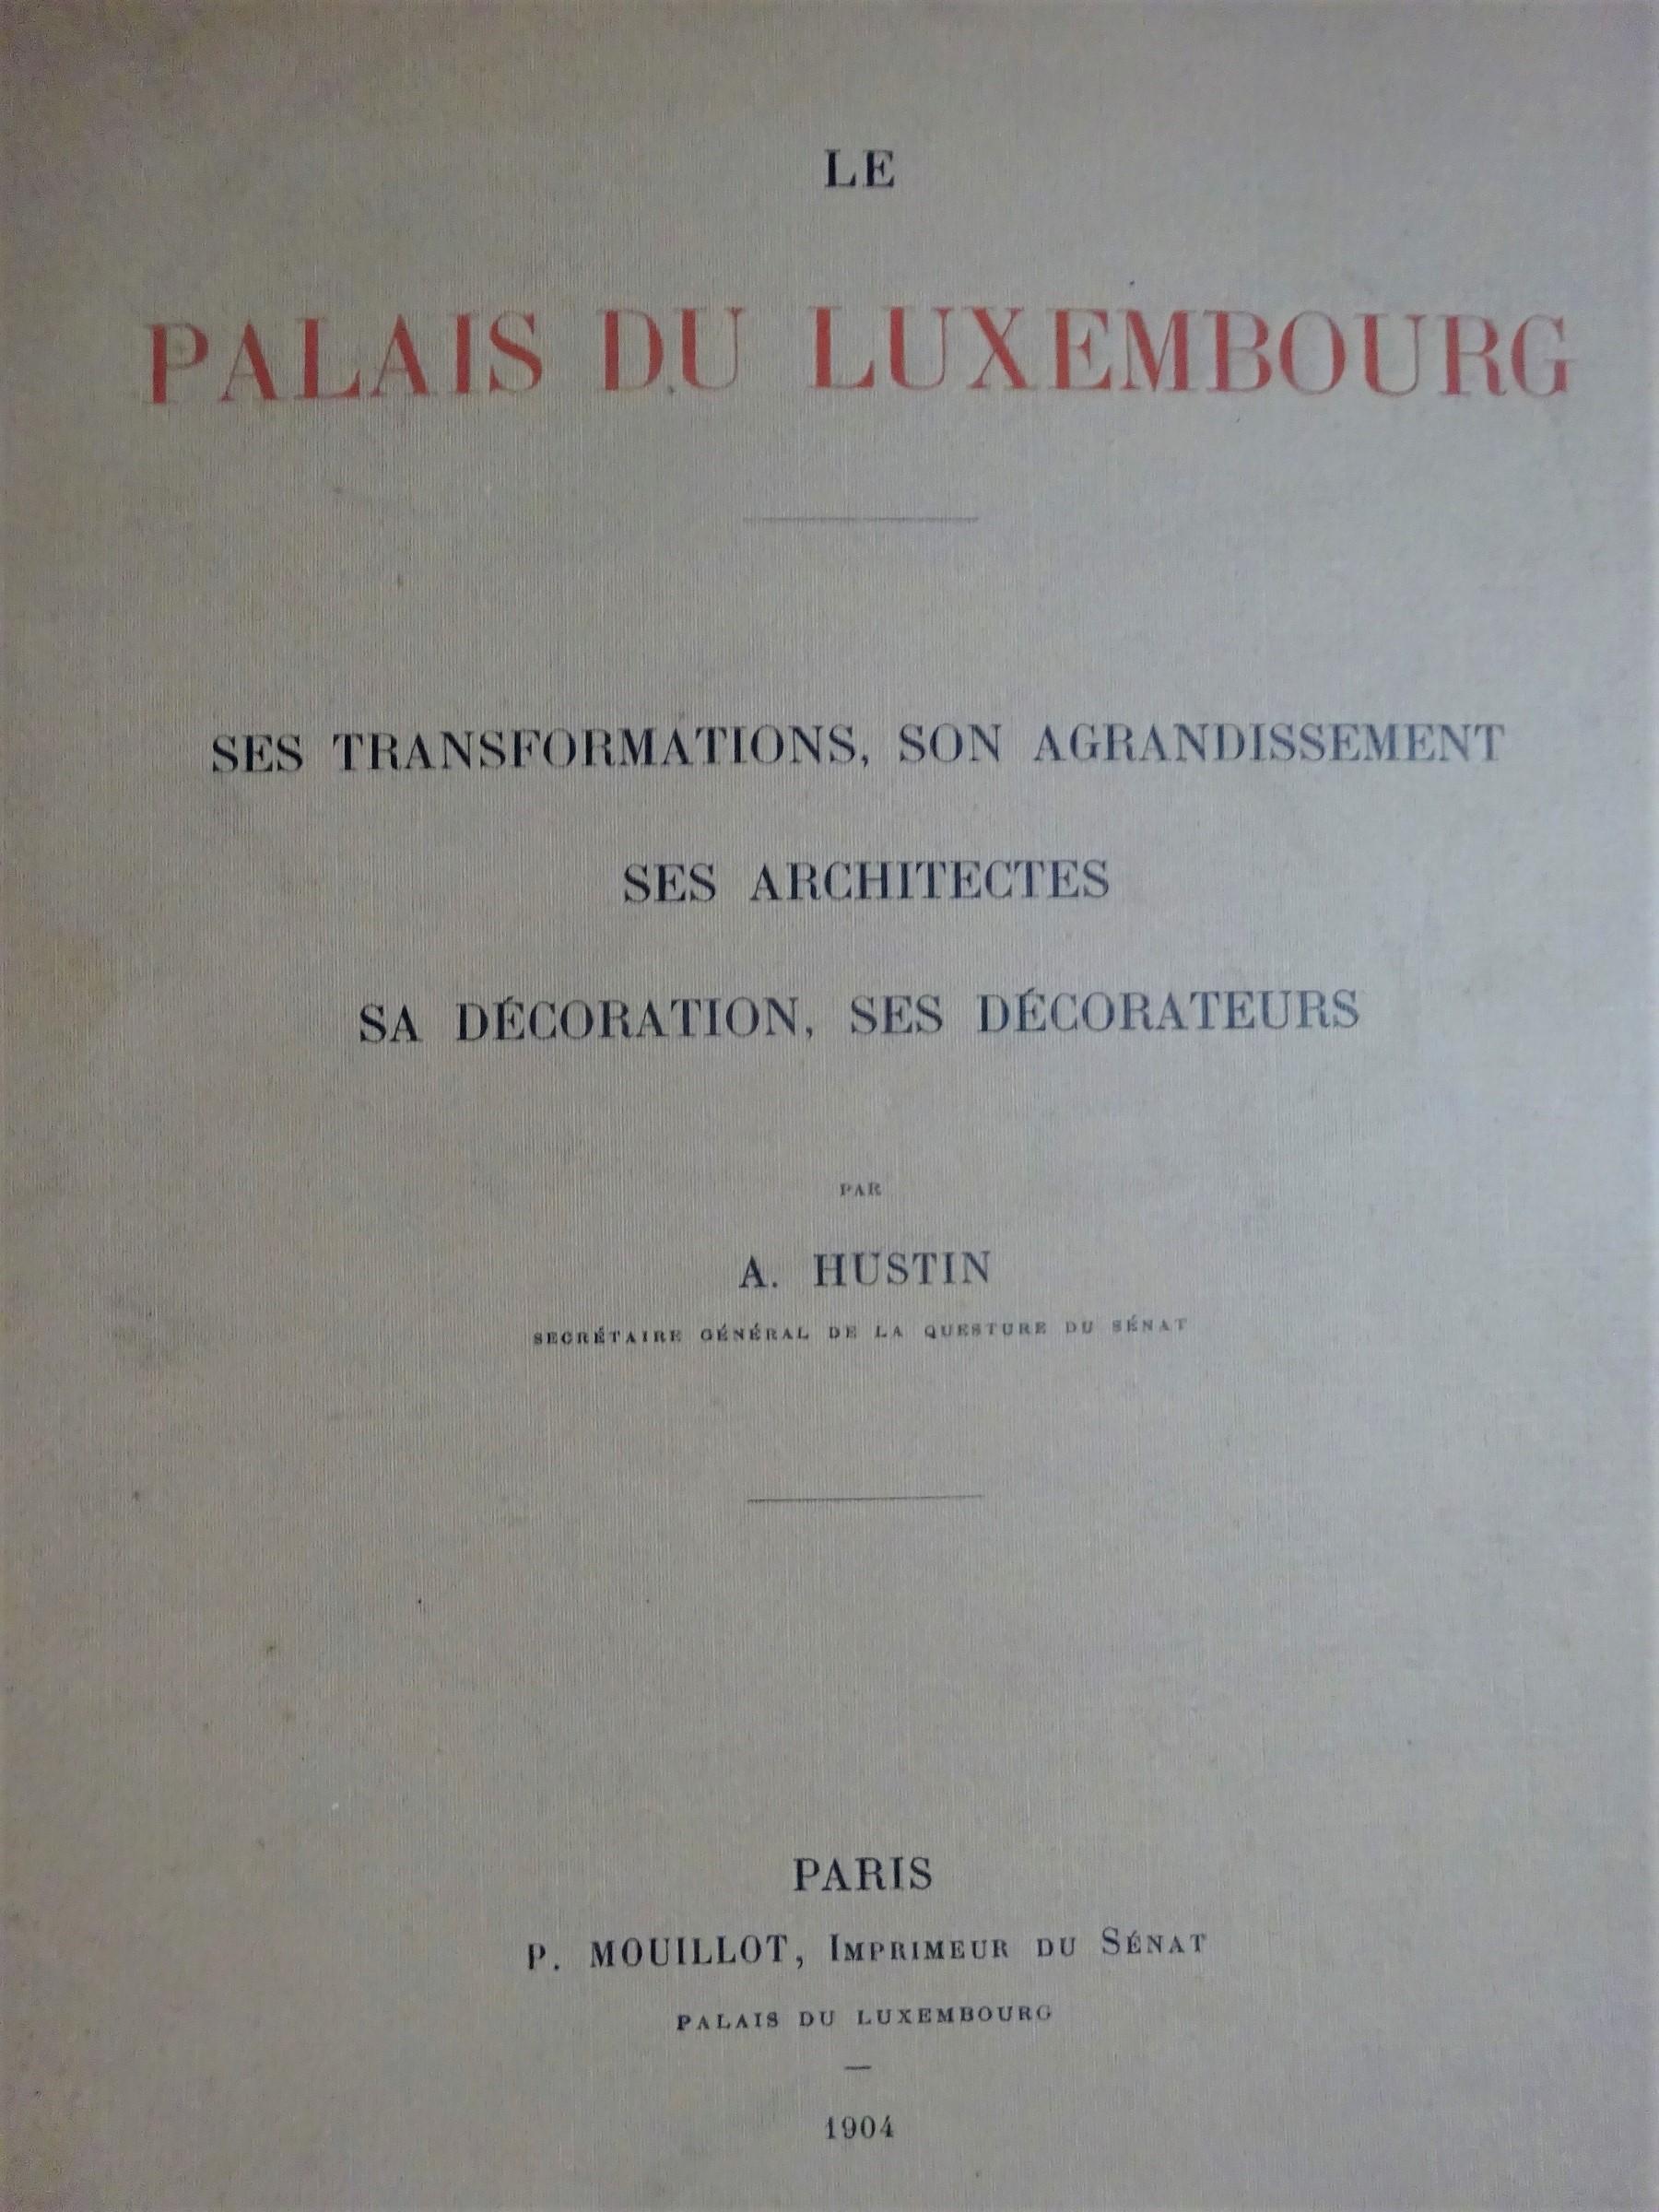 Le Palais du Luxembourg. Ses transformations, son agrandissement, ses architectes